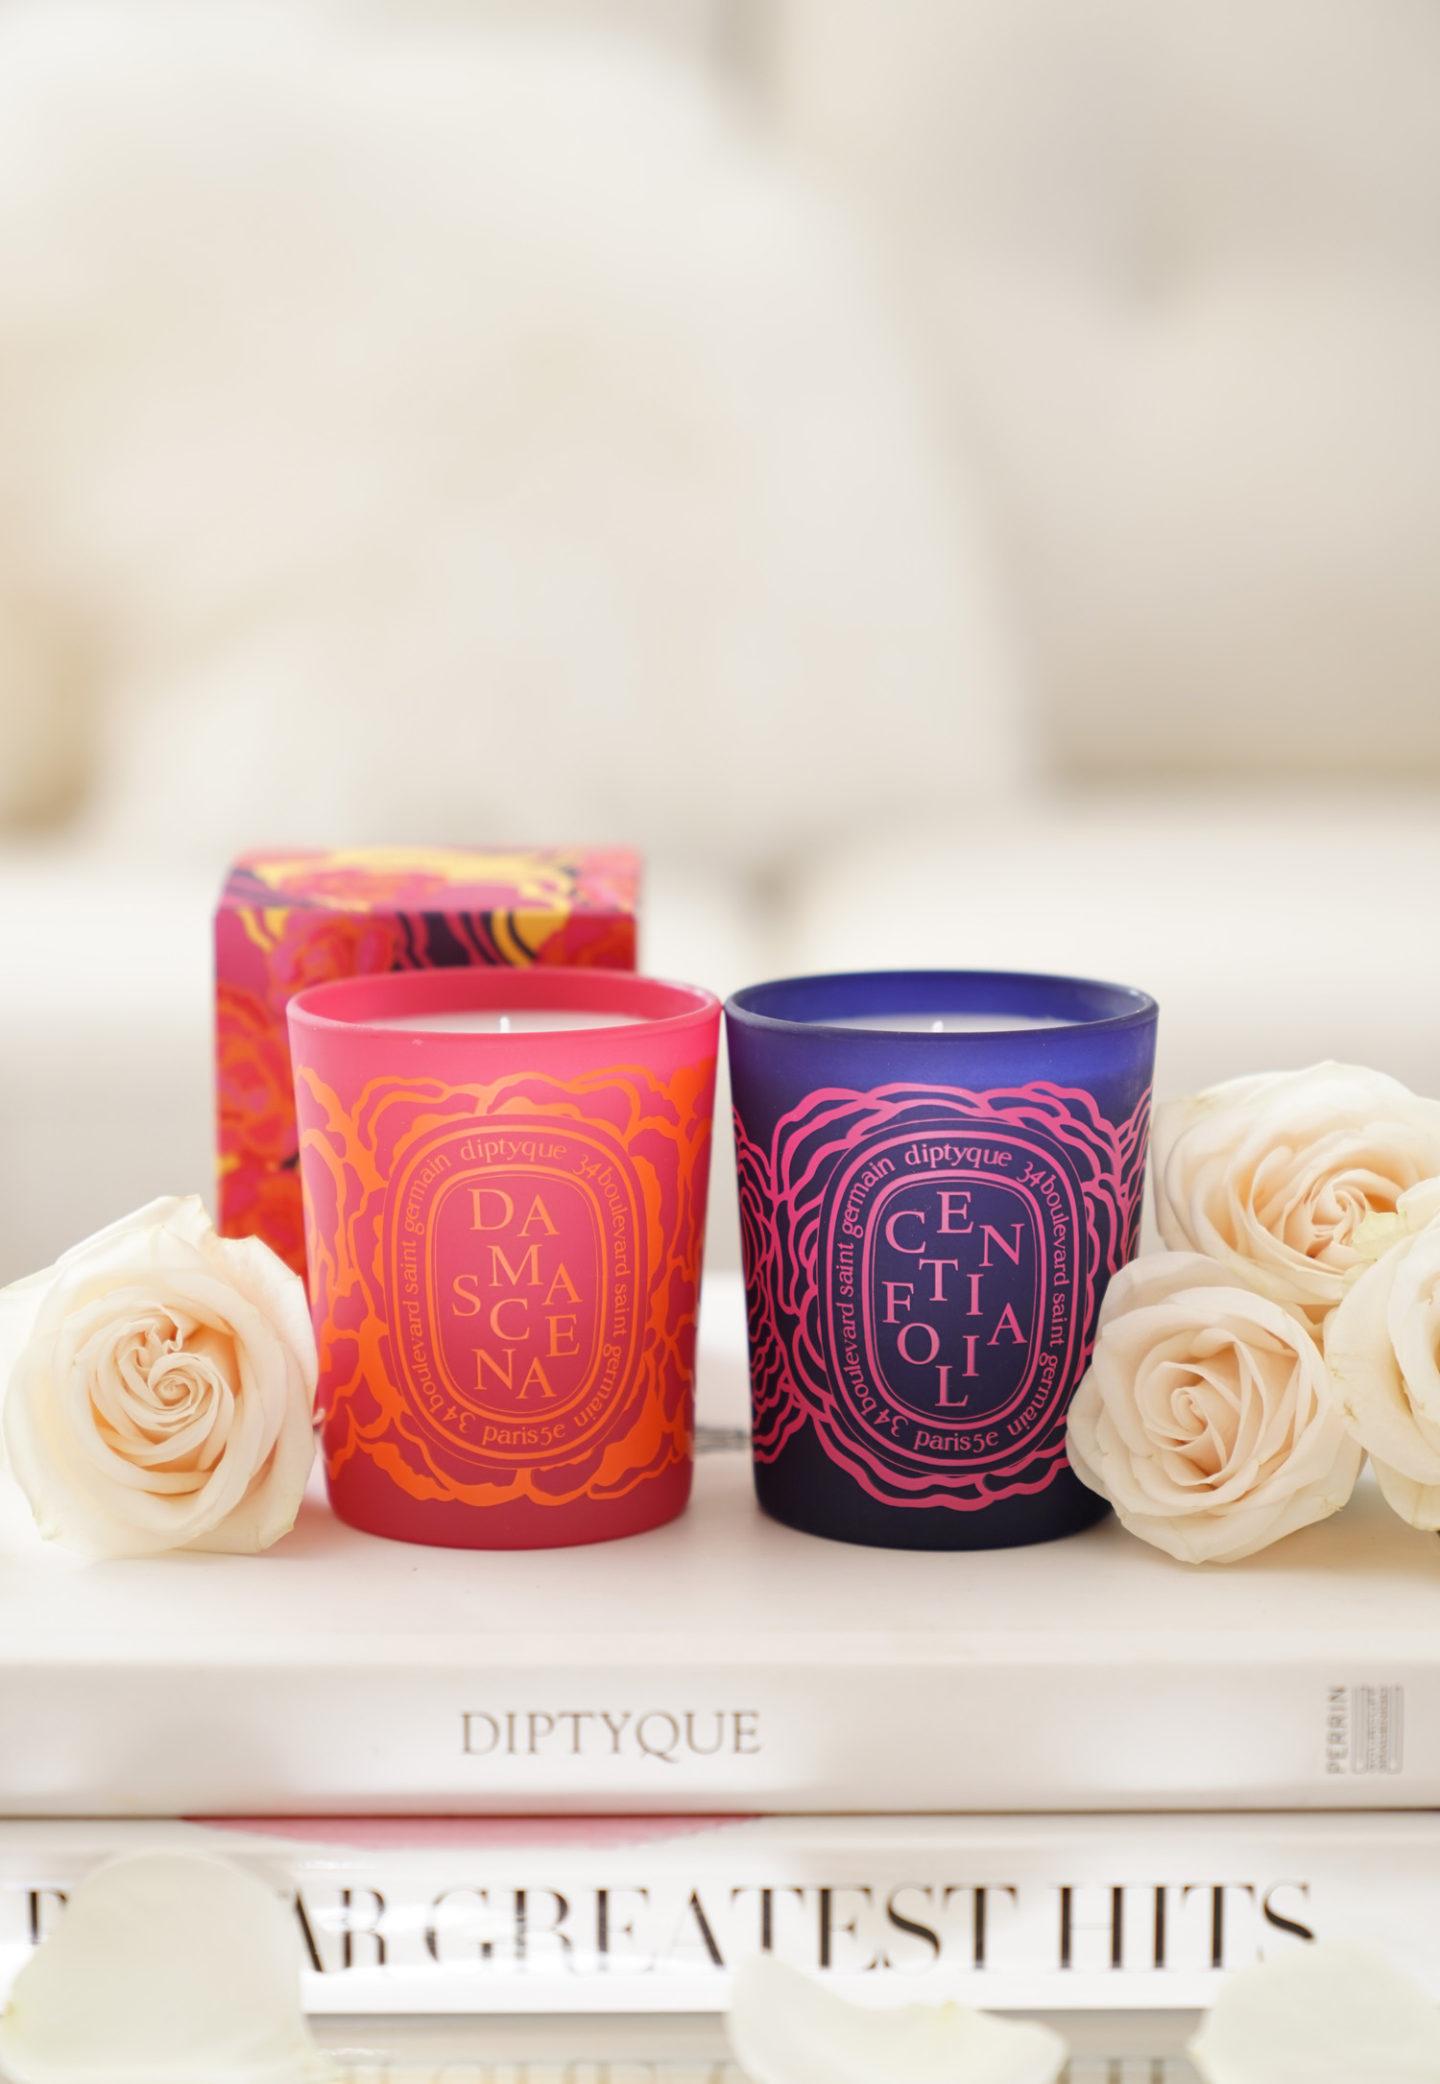 Bougies Diptyque Roses Revue de Centifolia et Damascena par l'intermédiaire du The Beauty Look Book